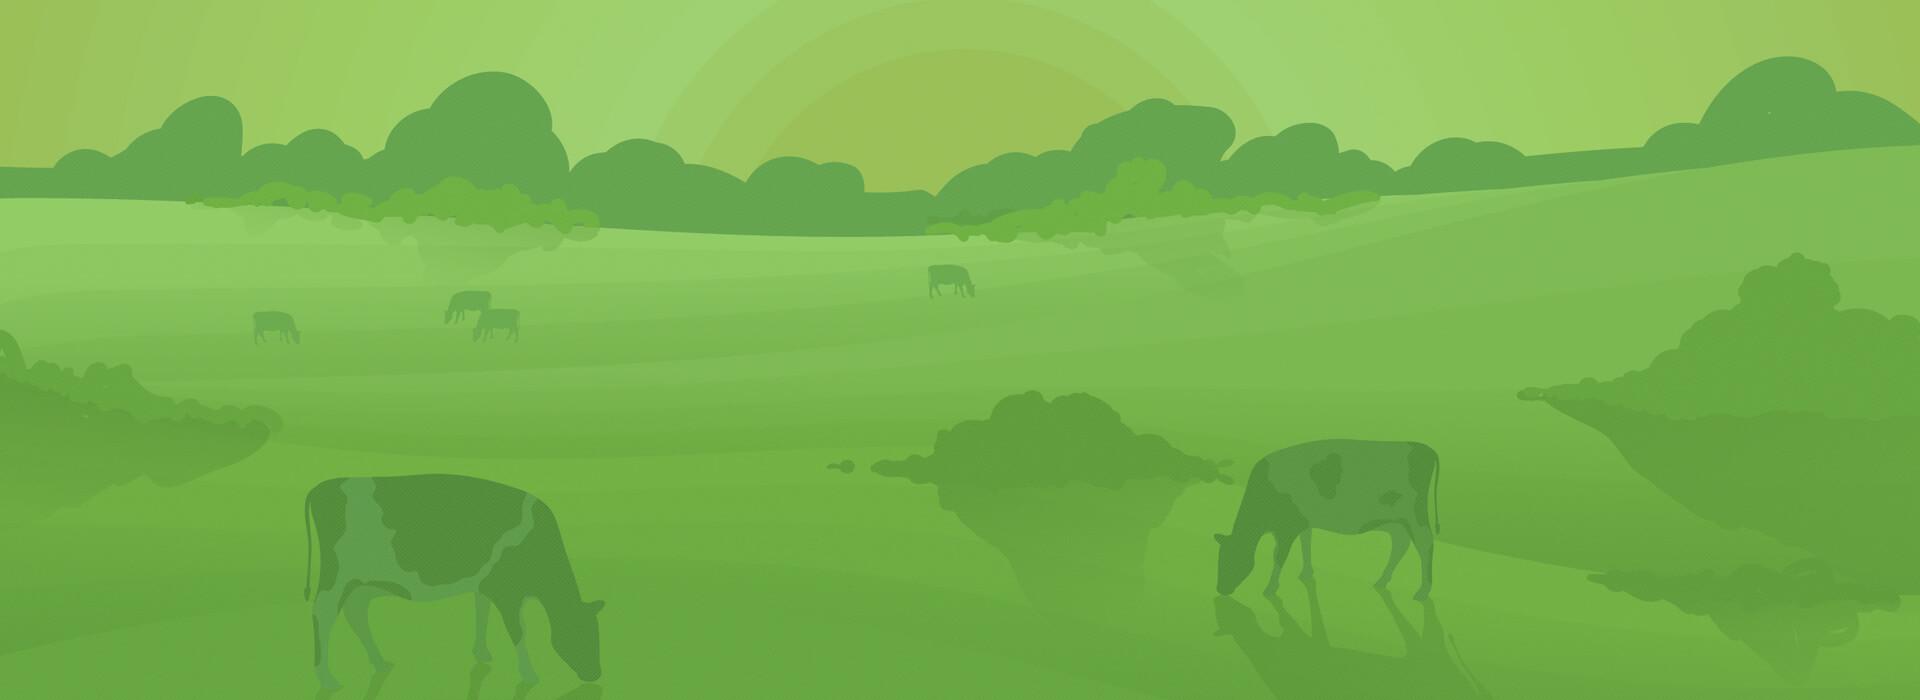 Farm Fresh Cow Milk